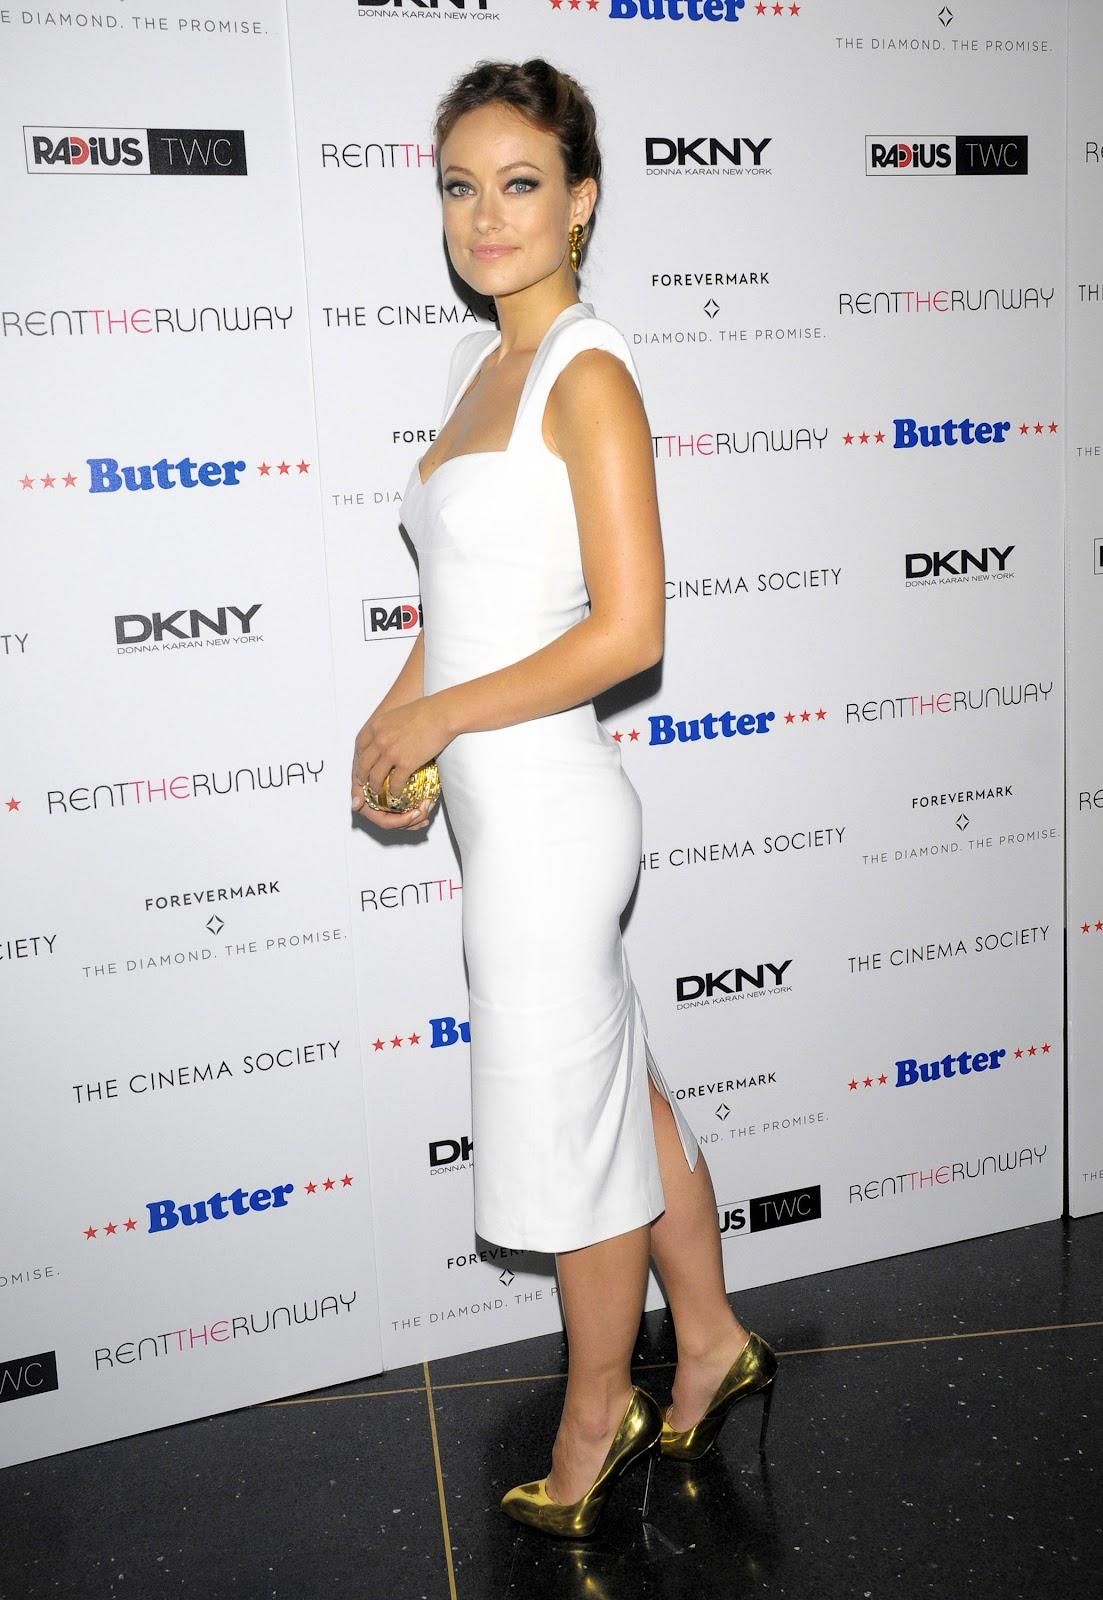 http://3.bp.blogspot.com/-rXUnNA-9YaI/UGWZxFbSmZI/AAAAAAAAPUI/Z9EJj2B63LE/s1600/Olivia+Wilde+attends+Butter+Movie+Premiere+in+New+York+Sept+27th+2012+-04.jpg